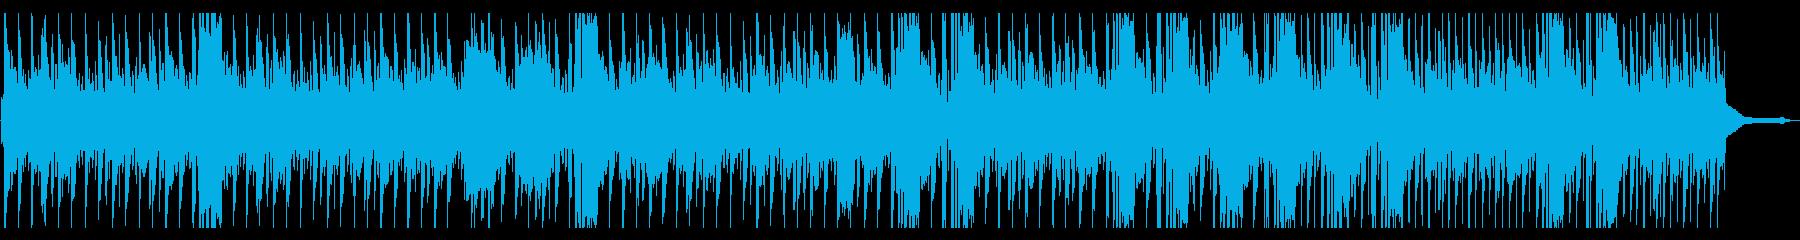 一風変わったヘンテコダブステップの再生済みの波形